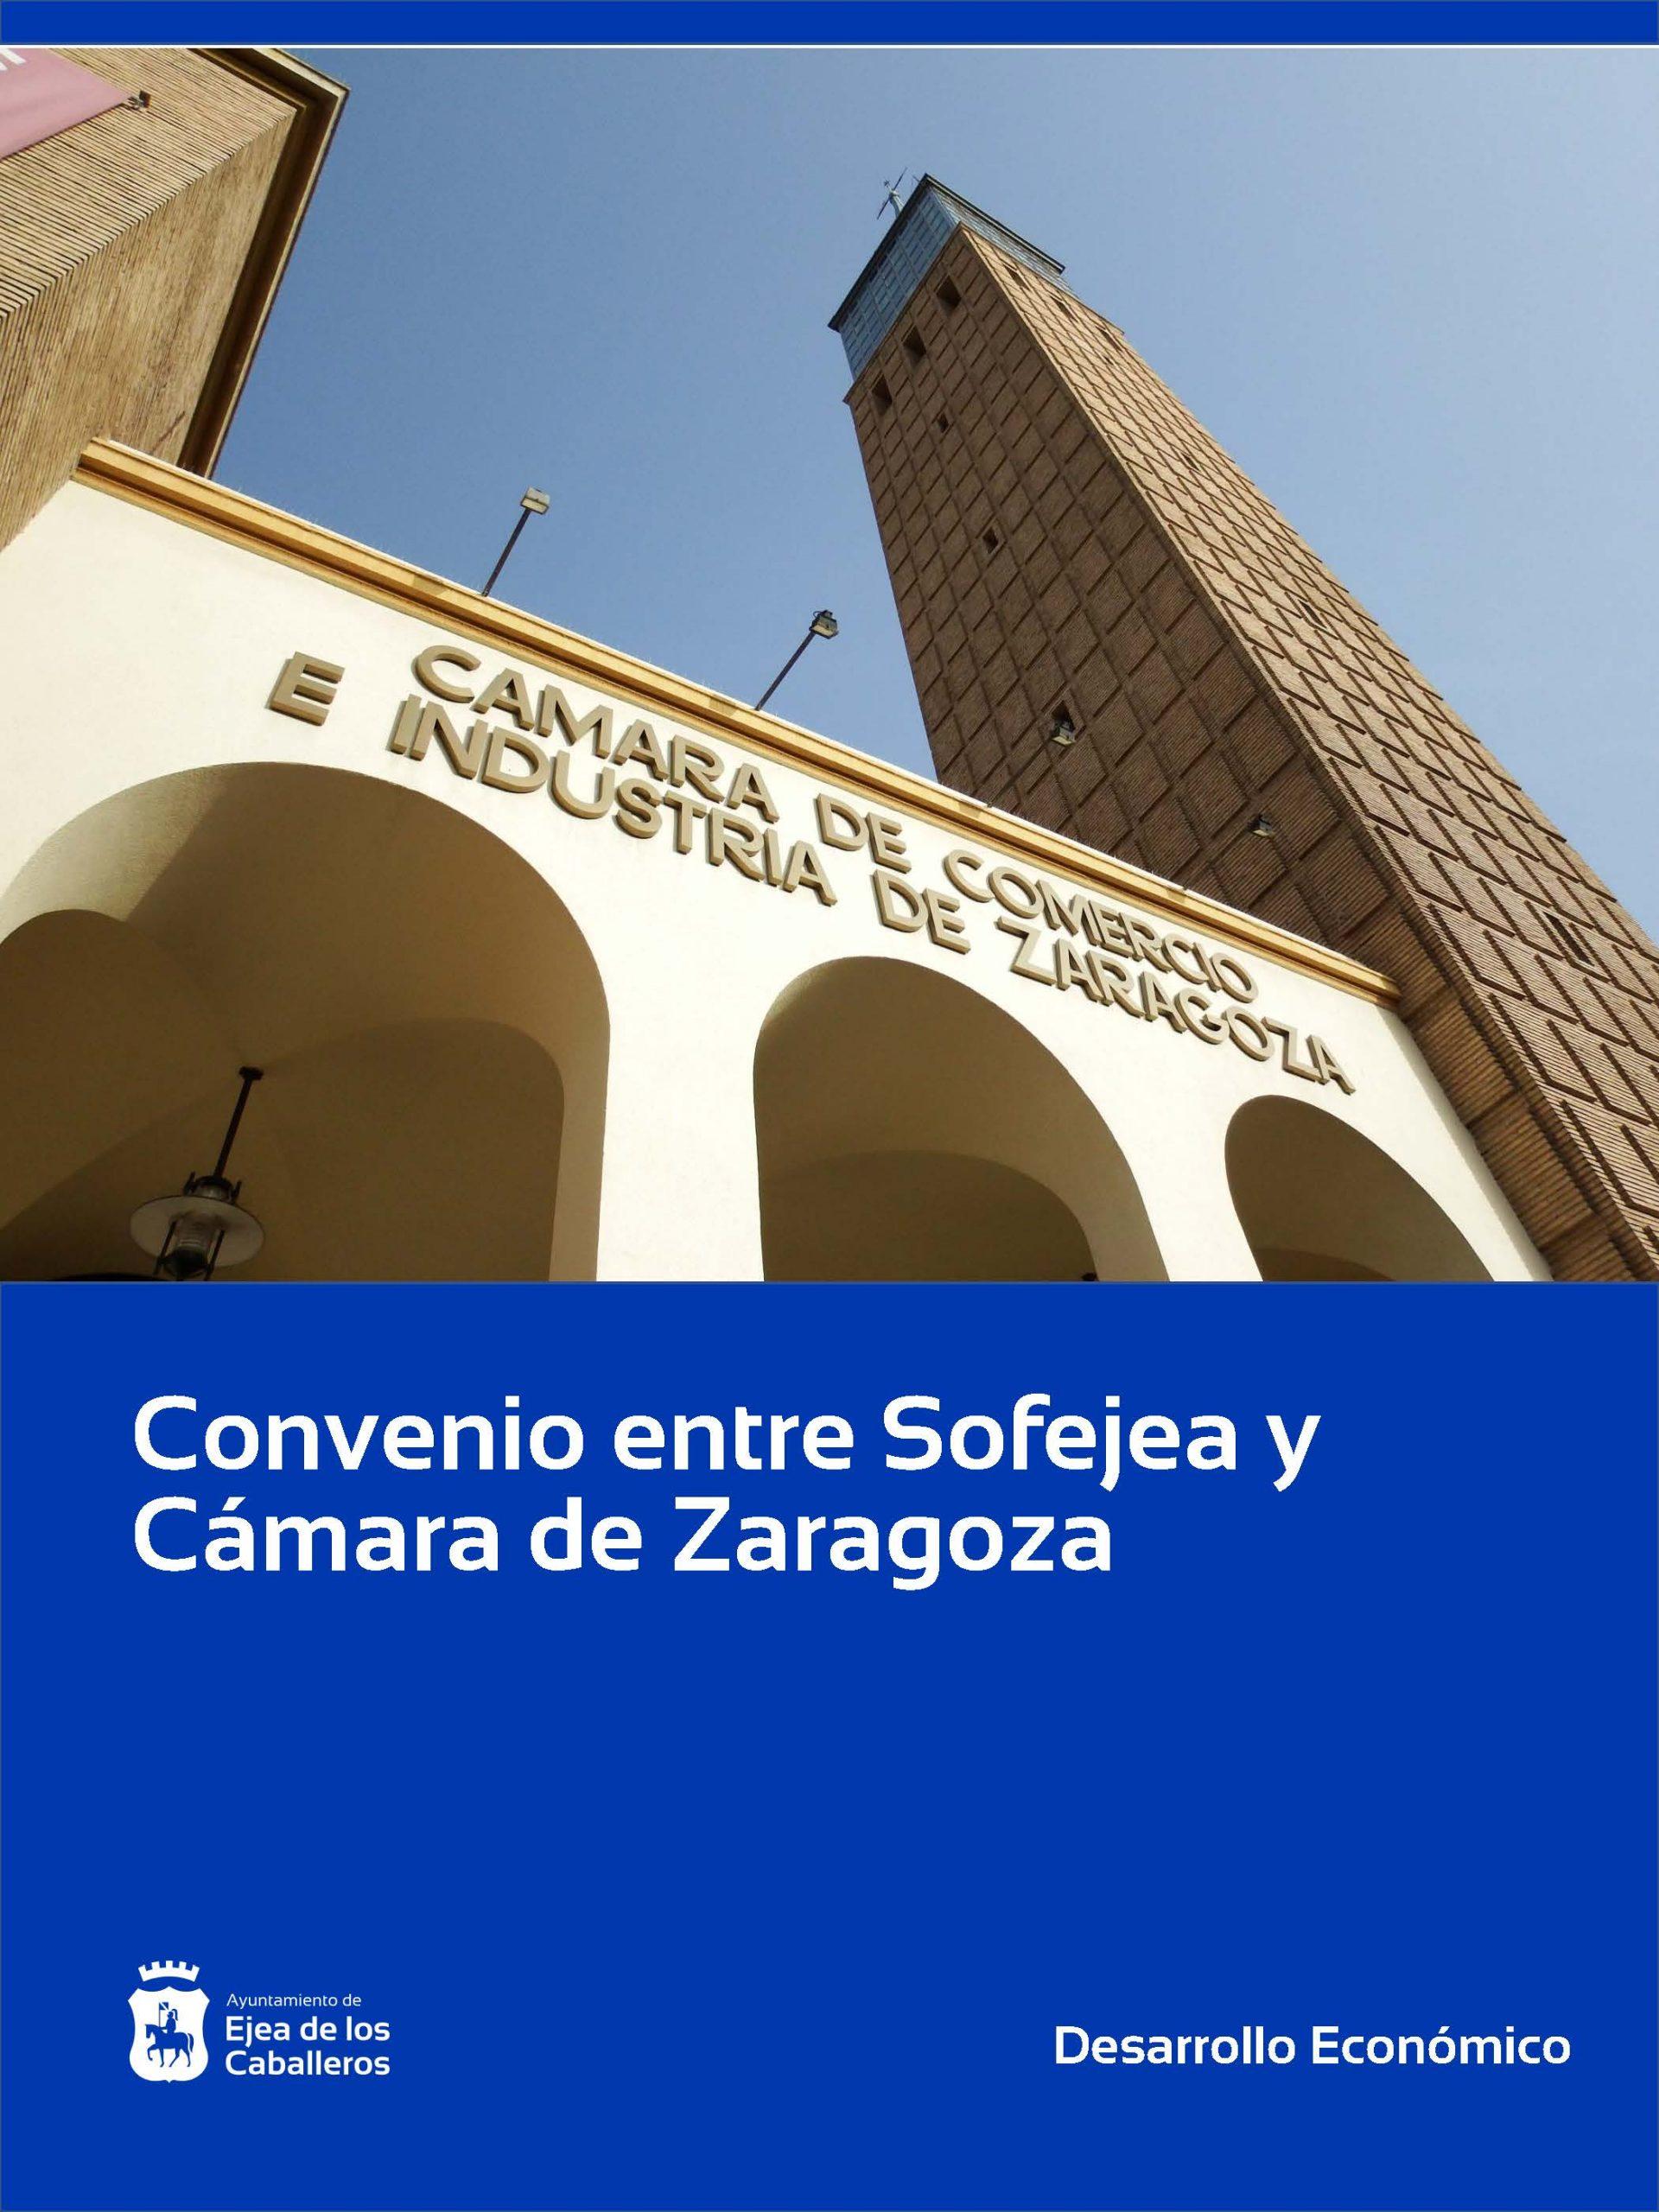 Sofejea y Cámara de Zaragoza refuerzan sus relaciones a través de un convenio de colaboración